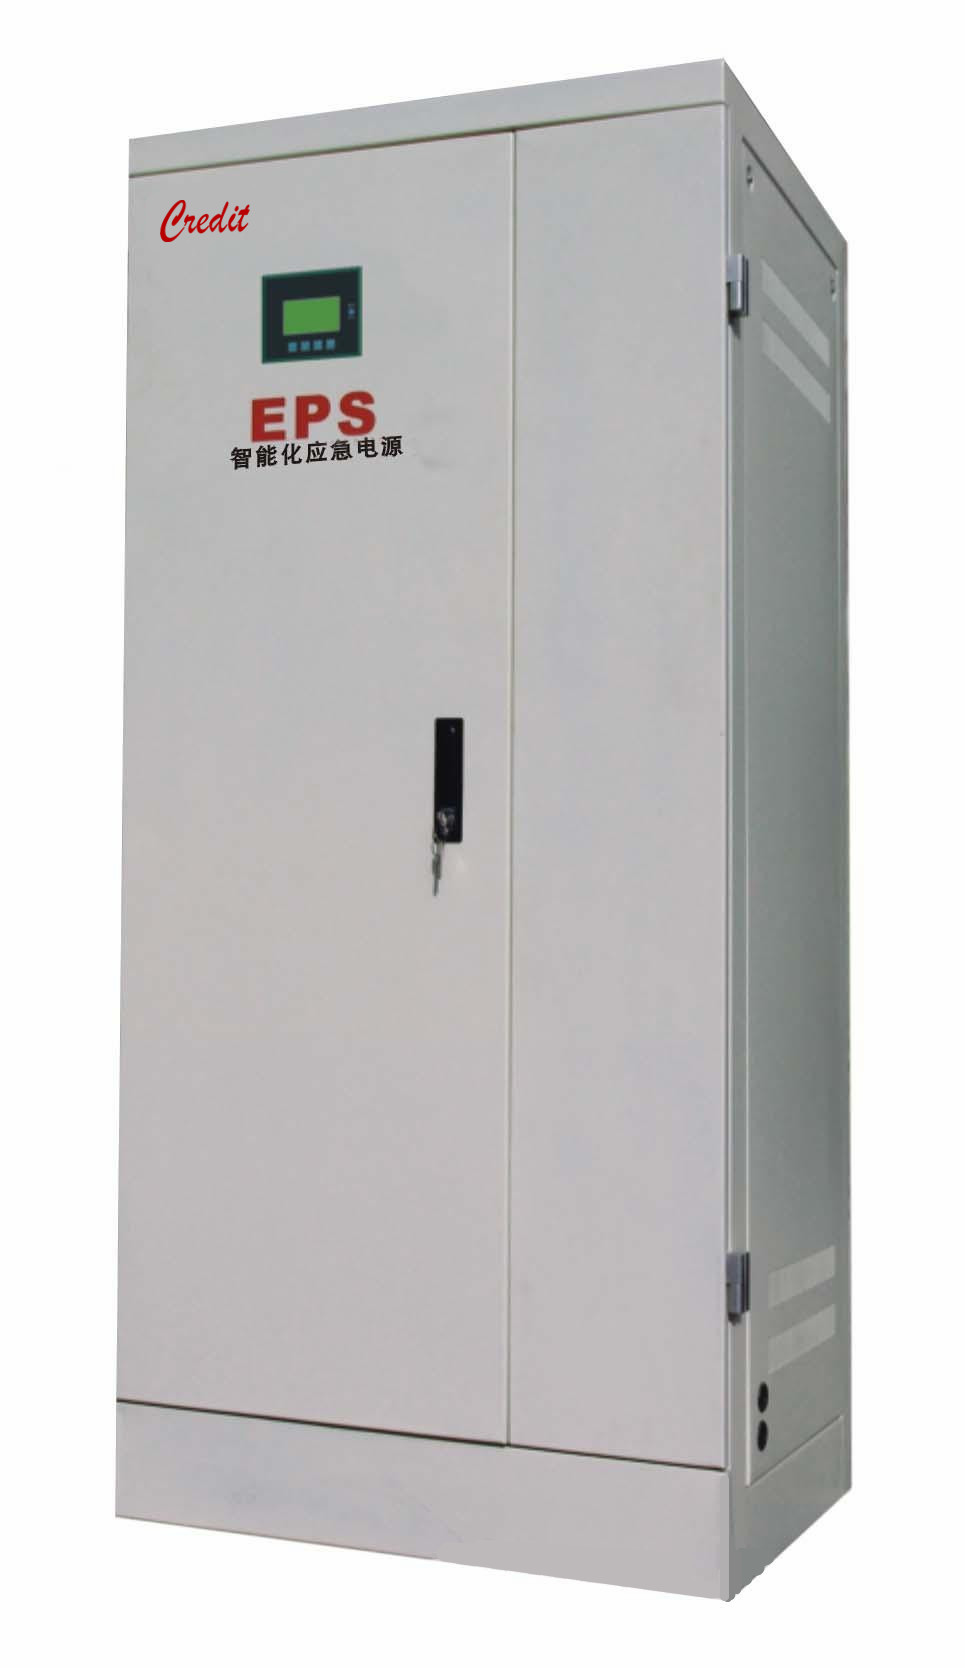 西安EPS应急电源厂家_购买合格的西安EPS应急电源优选嘉云电子